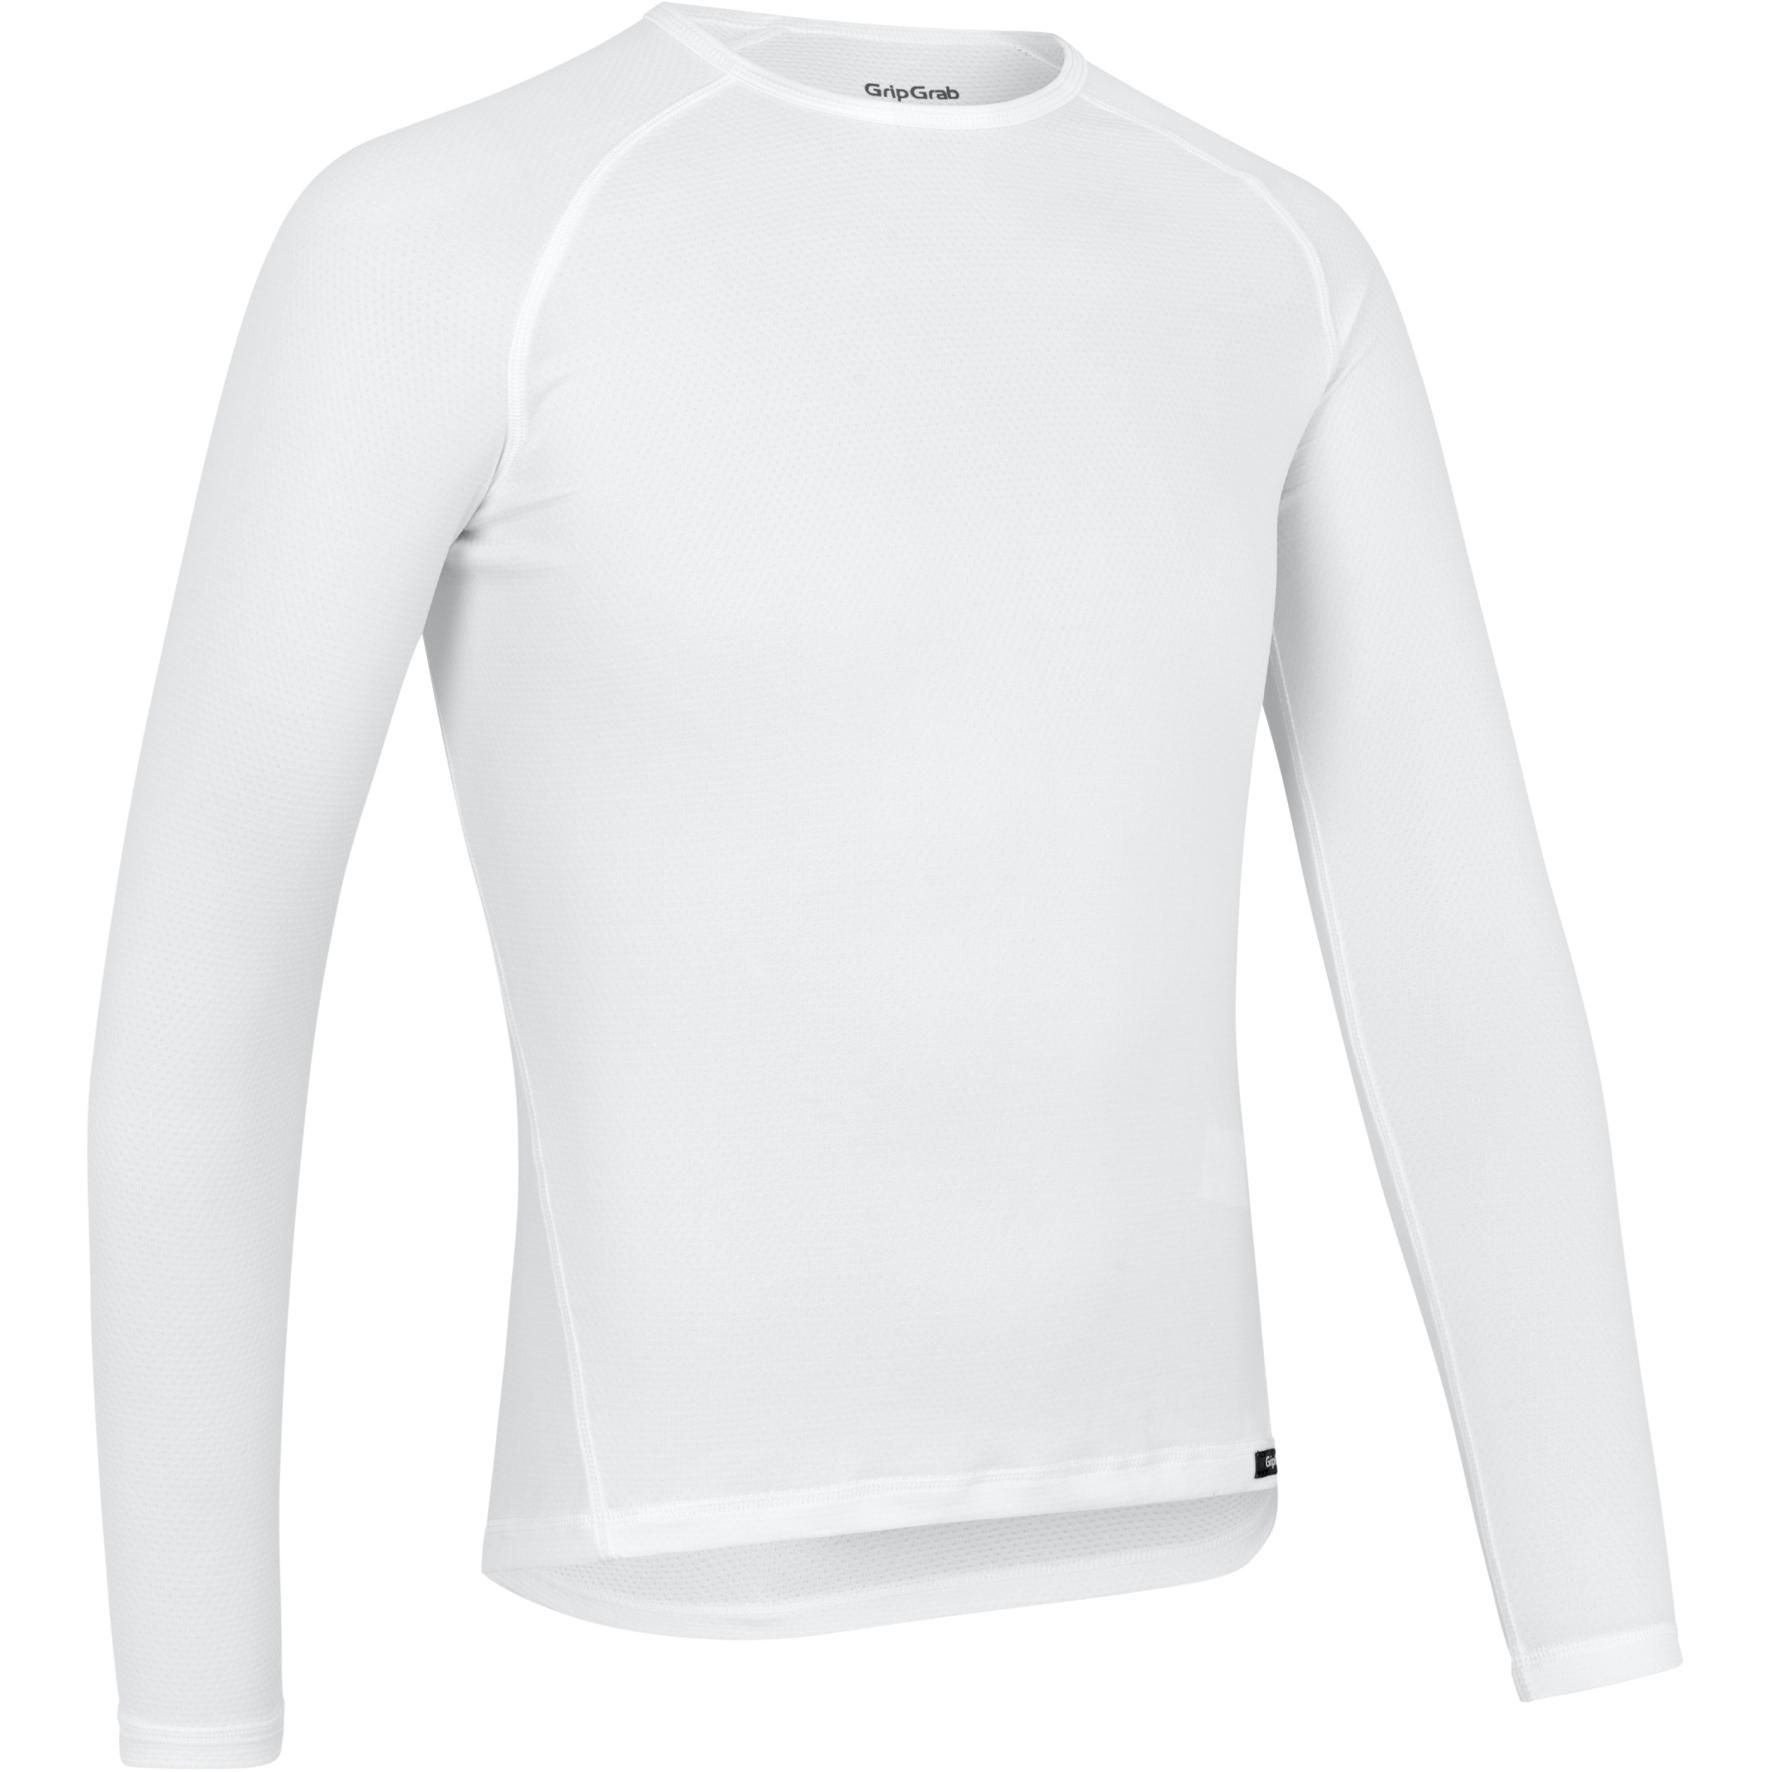 Produktbild von GripGrab Ride Thermal Langärmeliges Unterhemd - White